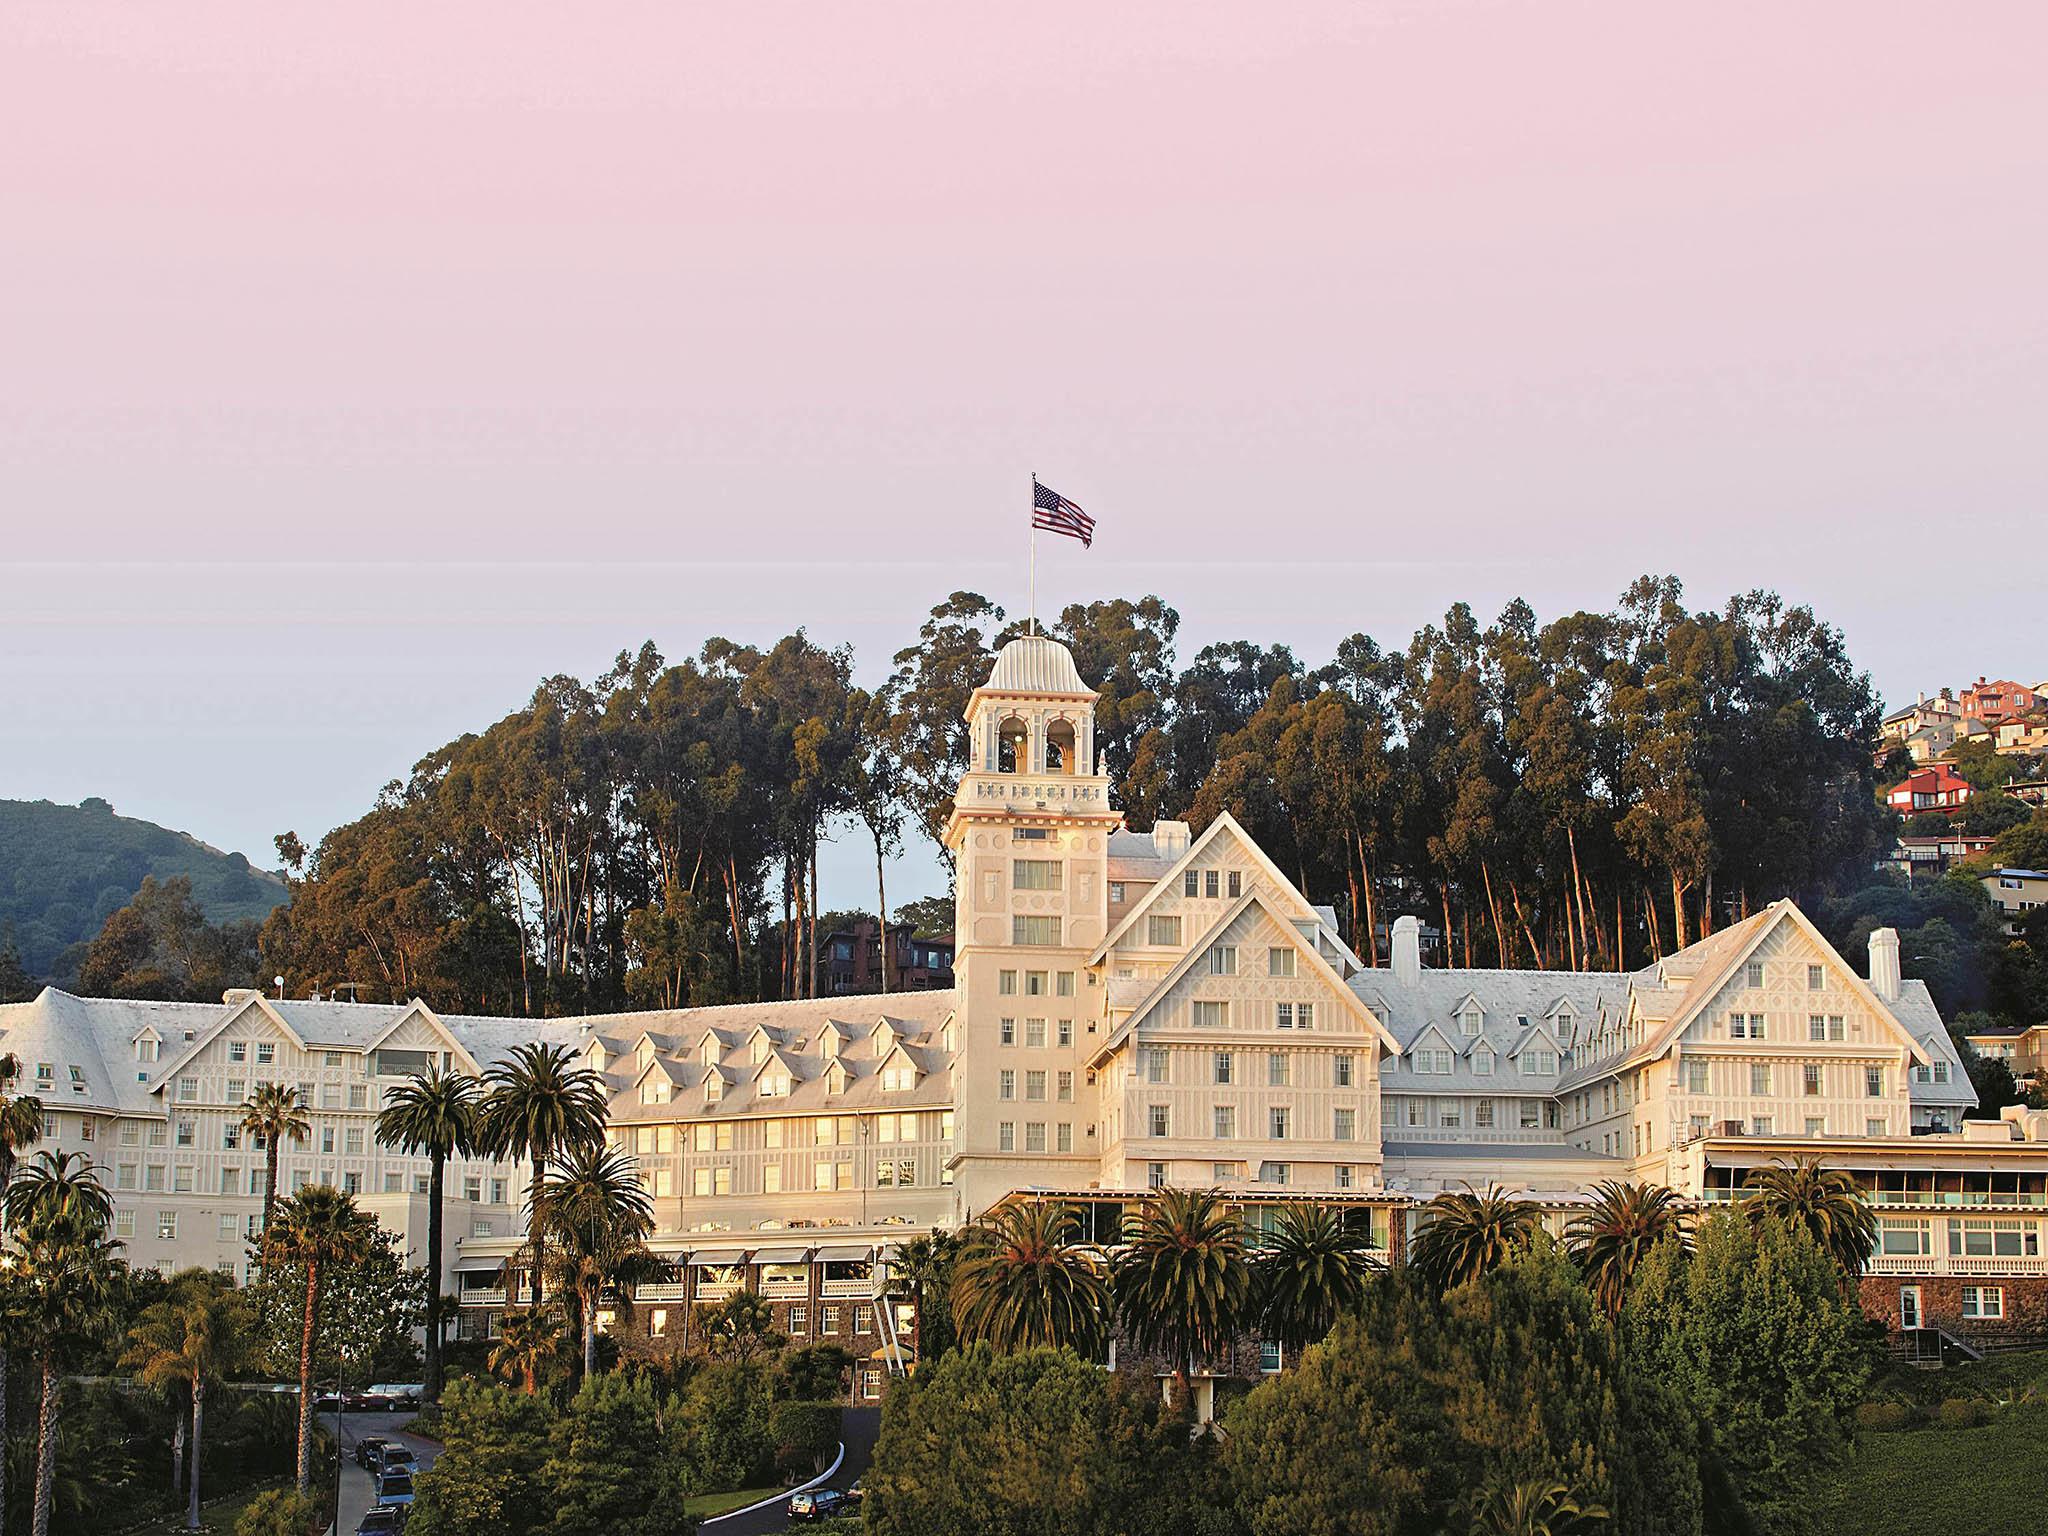 โรงแรม – Claremont Club & Spa - A Fairmont Hotel